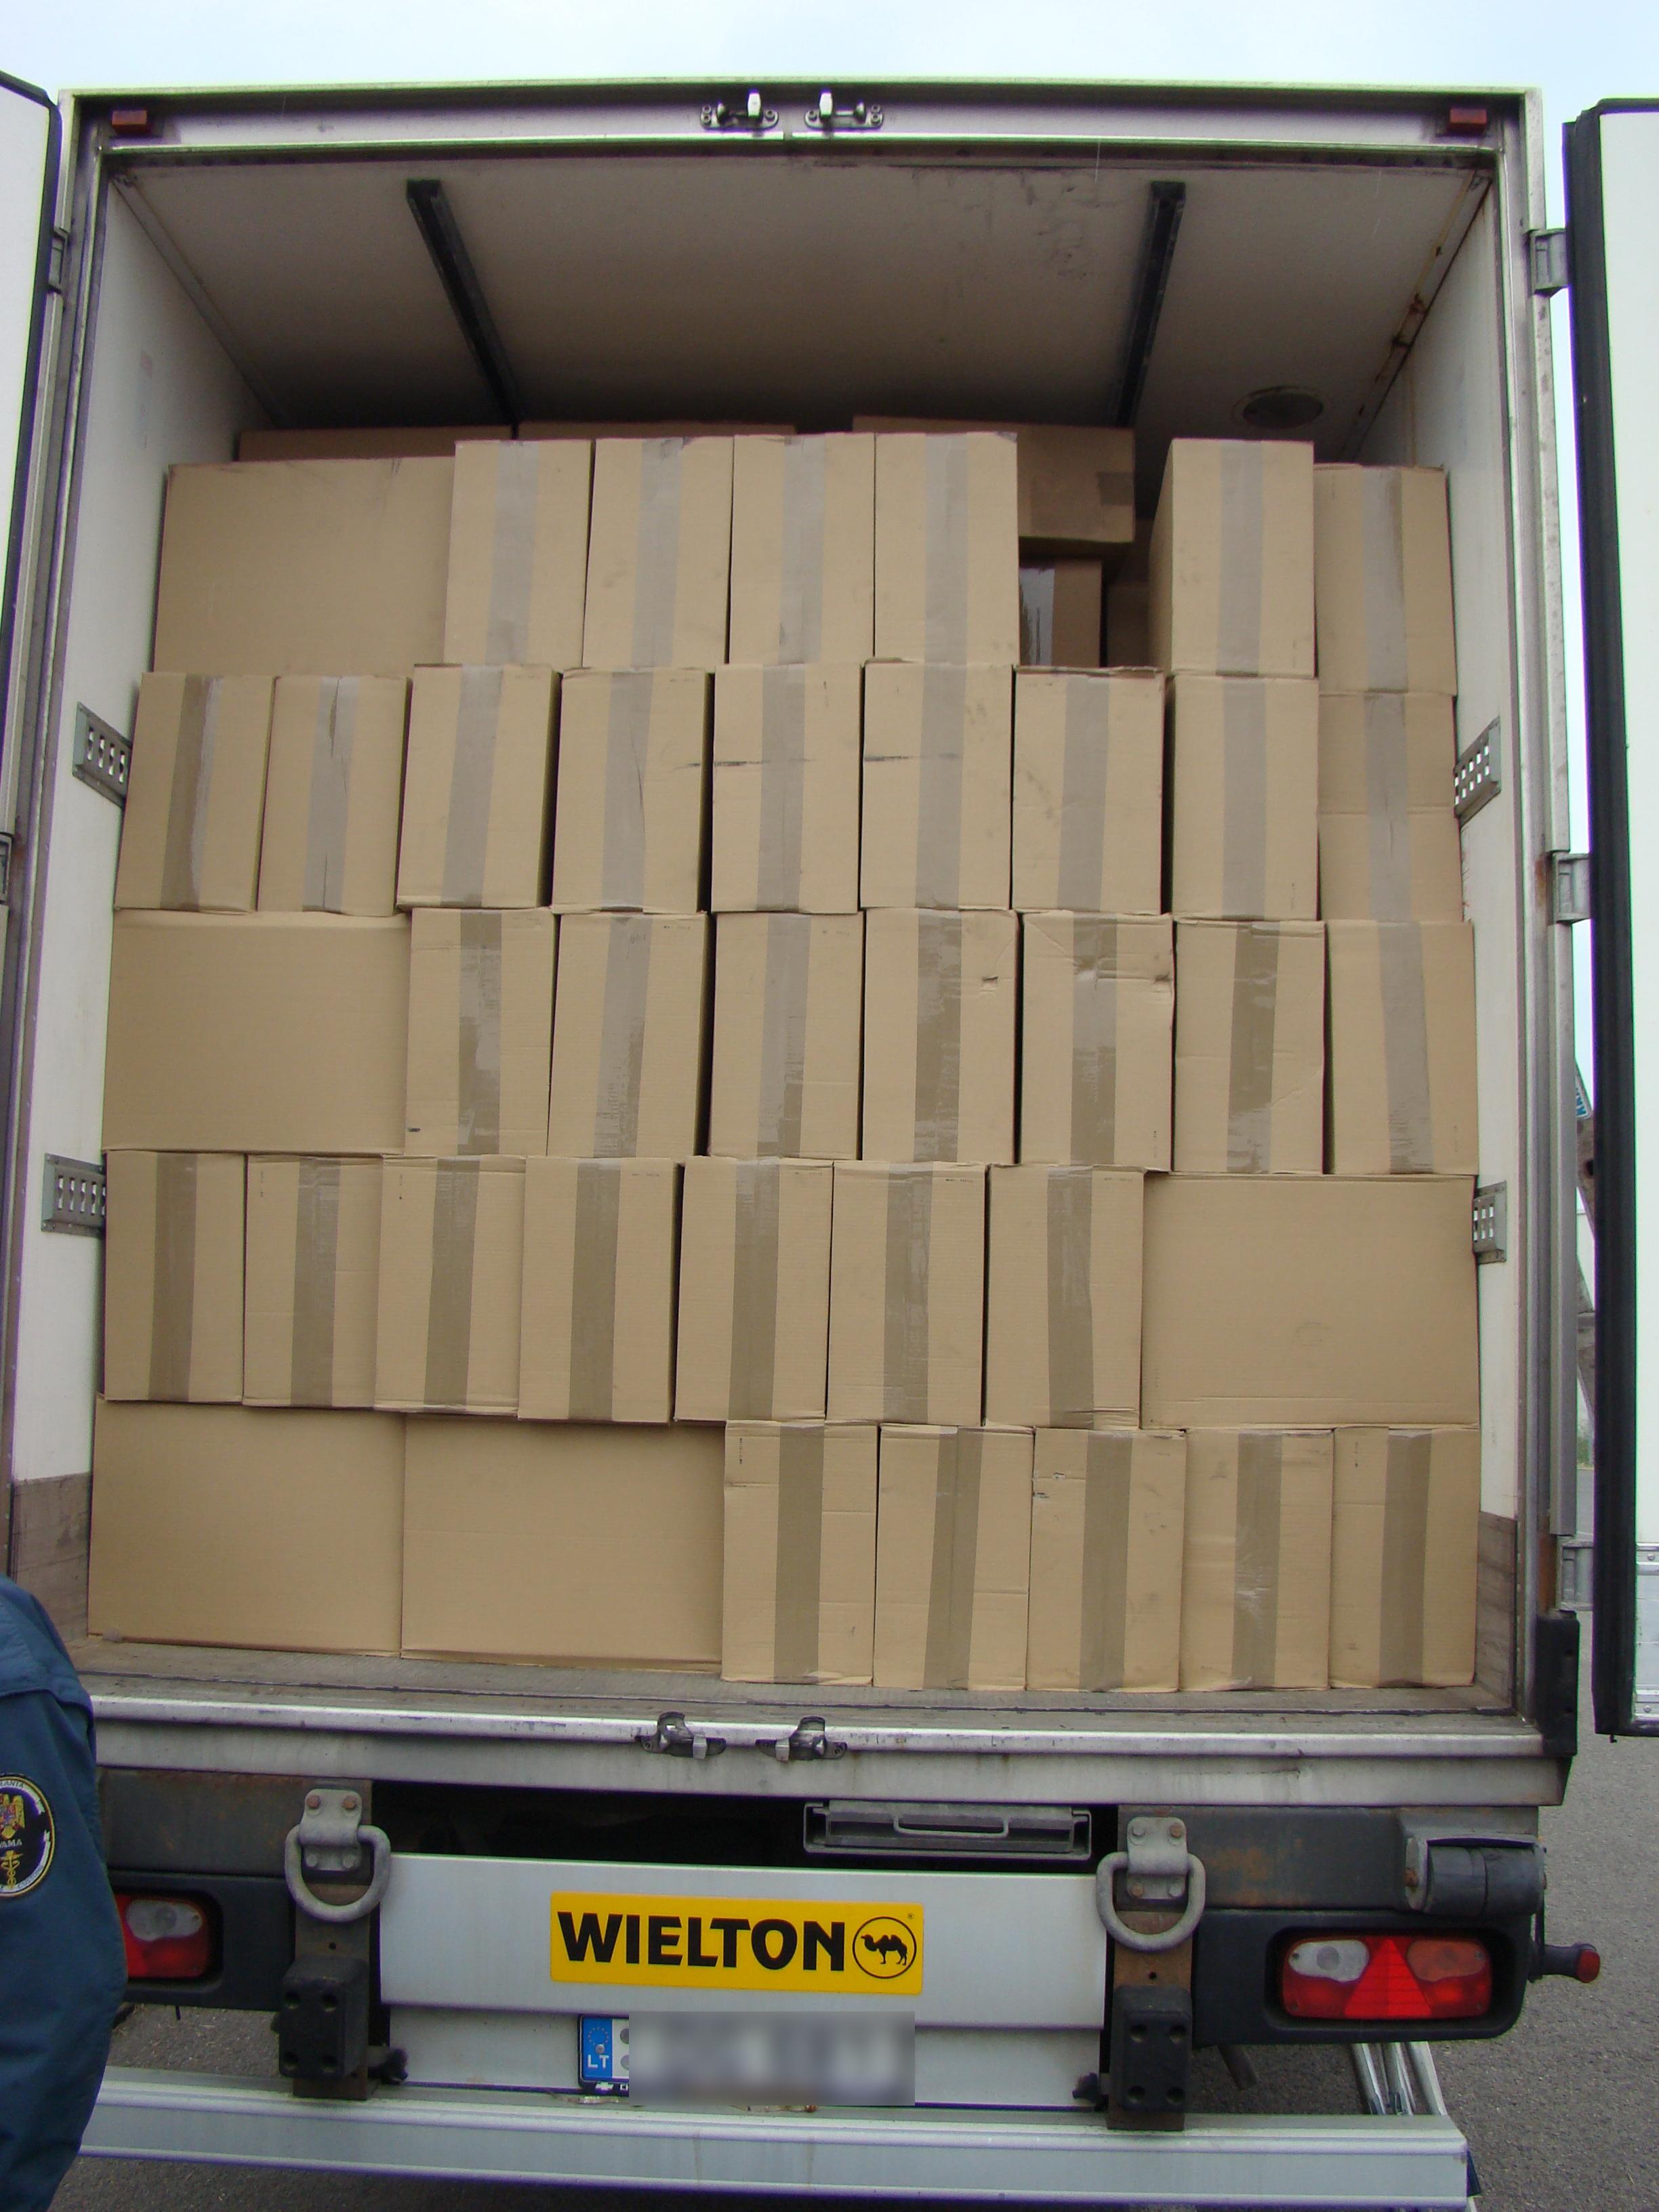 Surpriza de la frontiera: peste 500.000 de pachete de tigari contrafacute, descoperite intr-un TIR